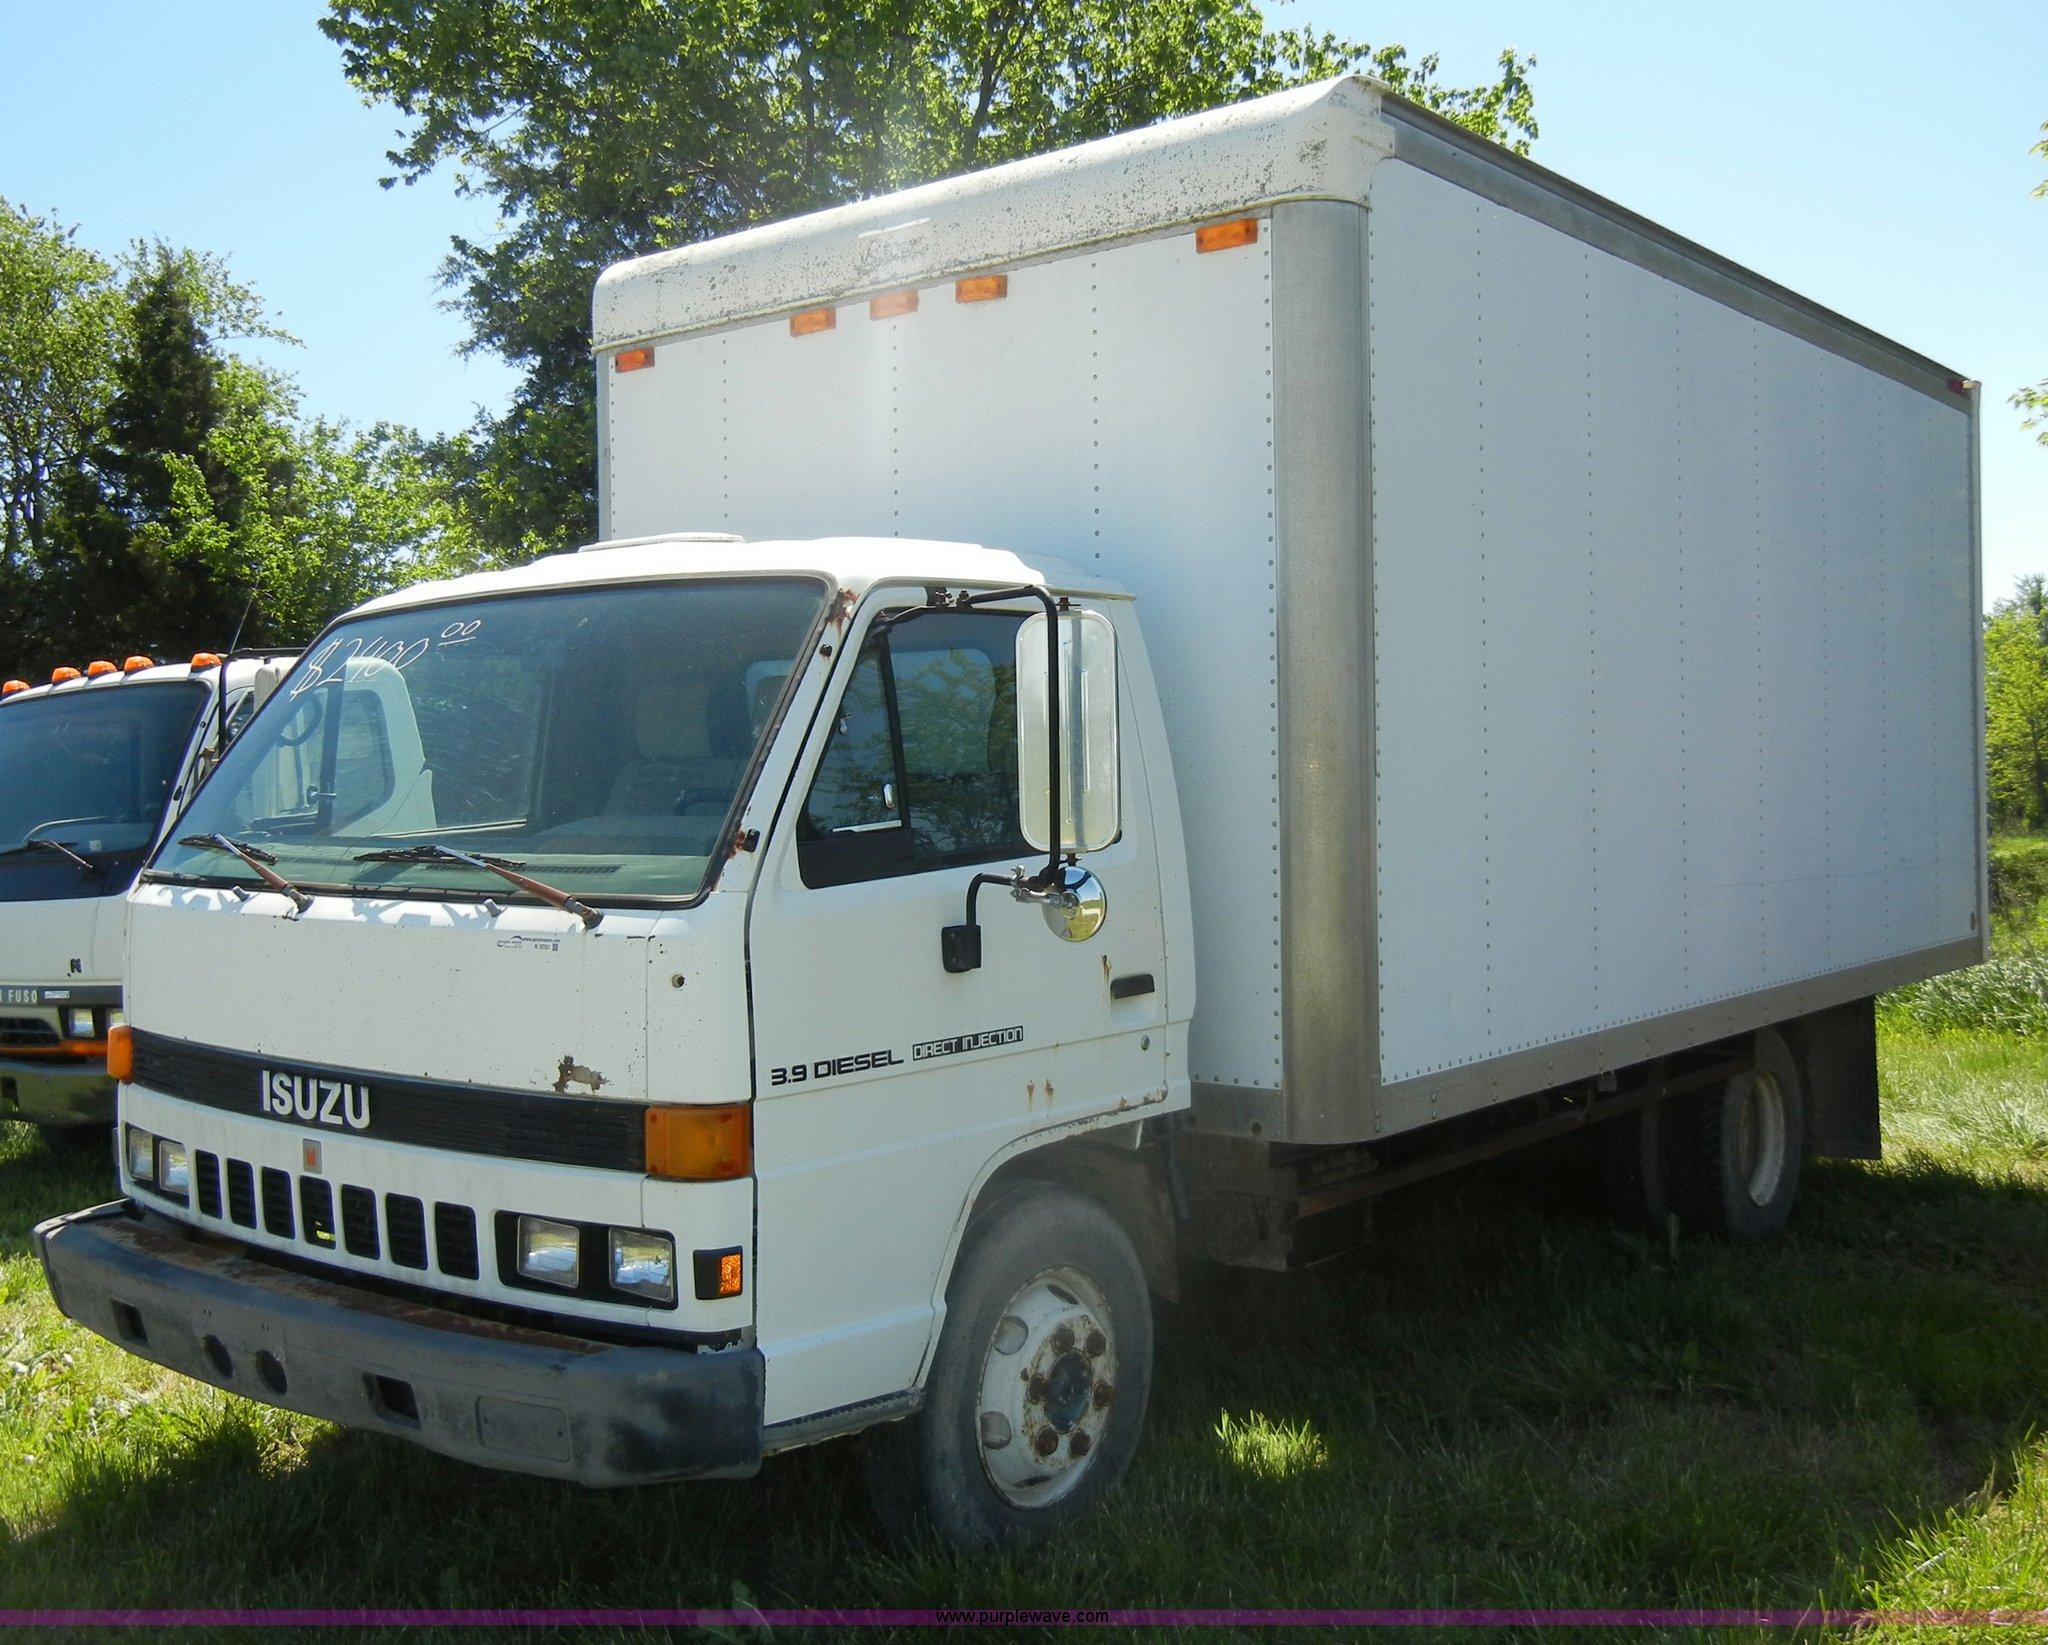 1987 isuzu npr box truck item k9761 sold may 22 truck a rh purplewave com isuzu npr diesel manual transmission for sale used isuzu npr manual transmission for sale